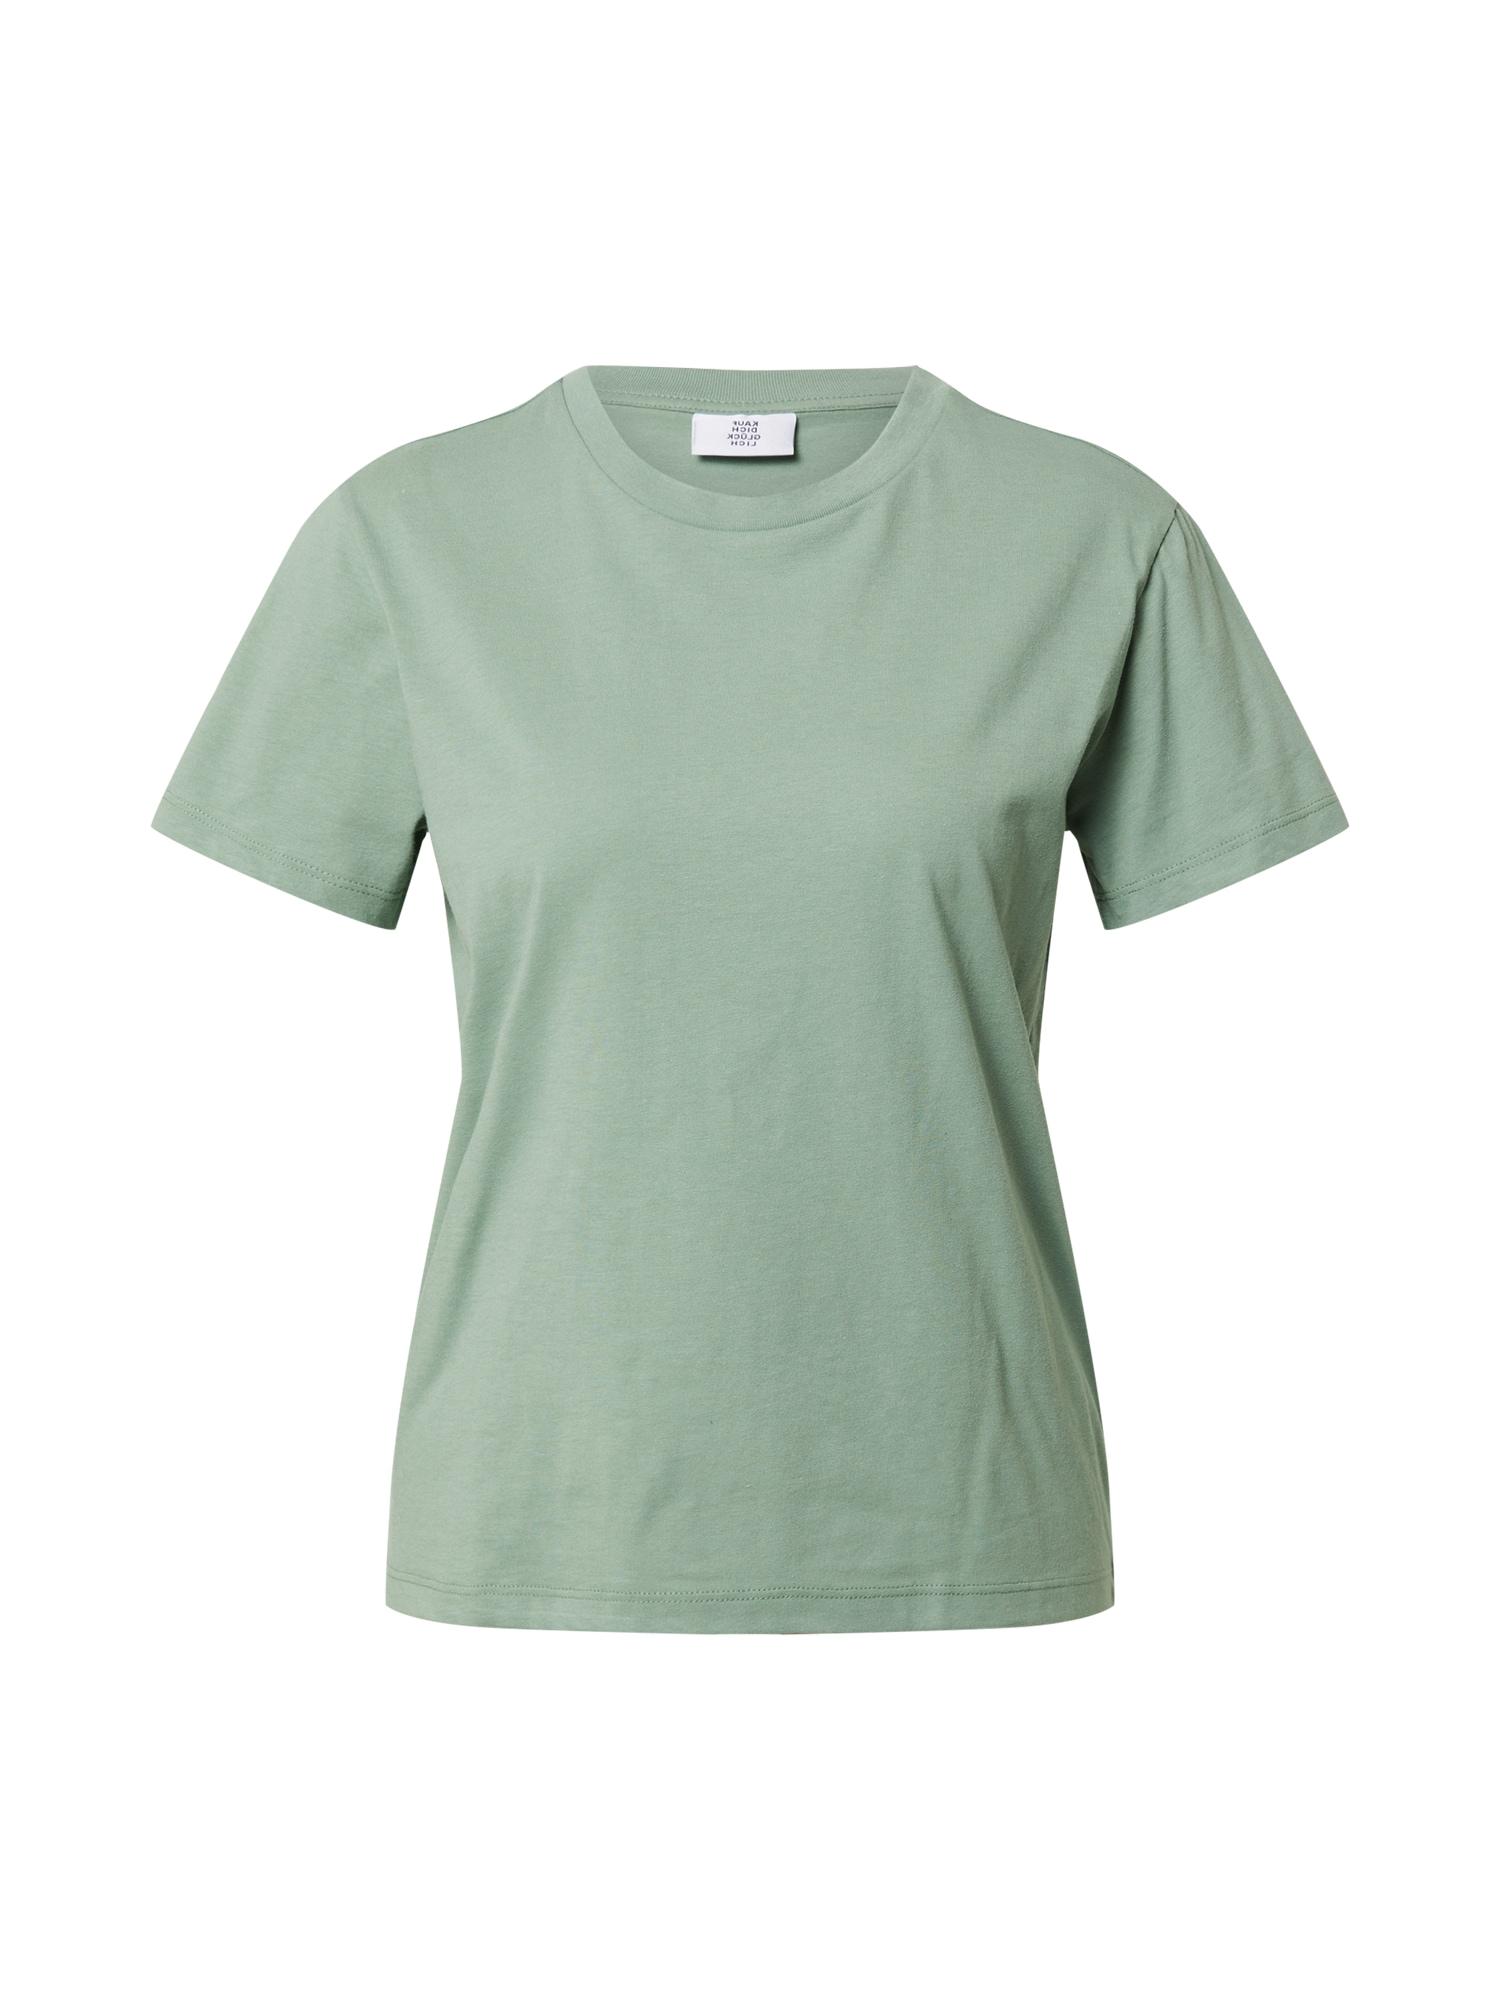 Kauf Dich Glücklich Marškinėliai mėtų spalva